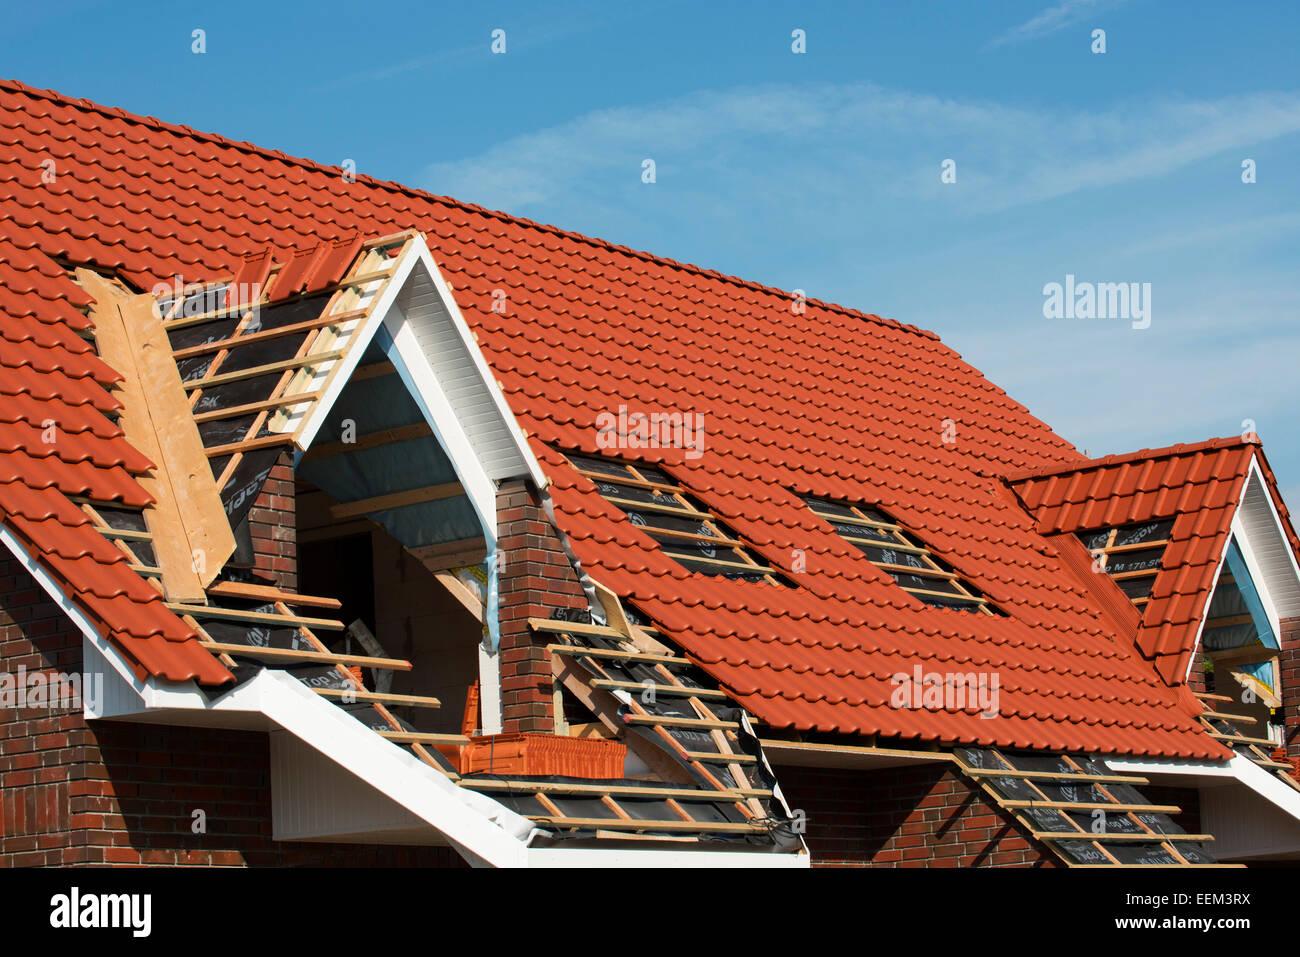 Il completamento della travatura del tetto di una casa di recente costruzione, Aurich, Bassa Sassonia, Germania Immagini Stock